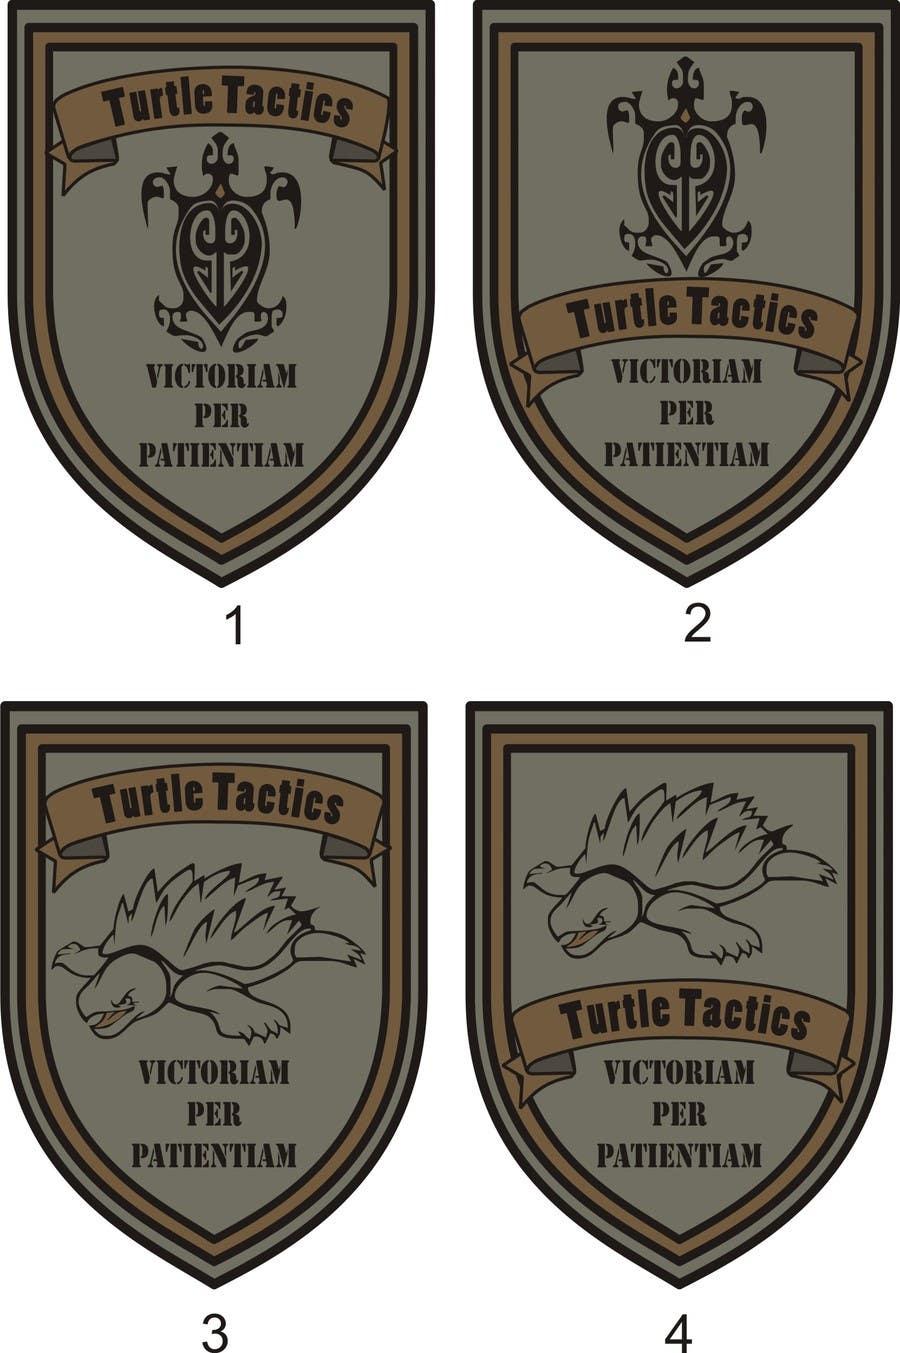 Penyertaan Peraduan #                                        1                                      untuk                                         Design a military patch